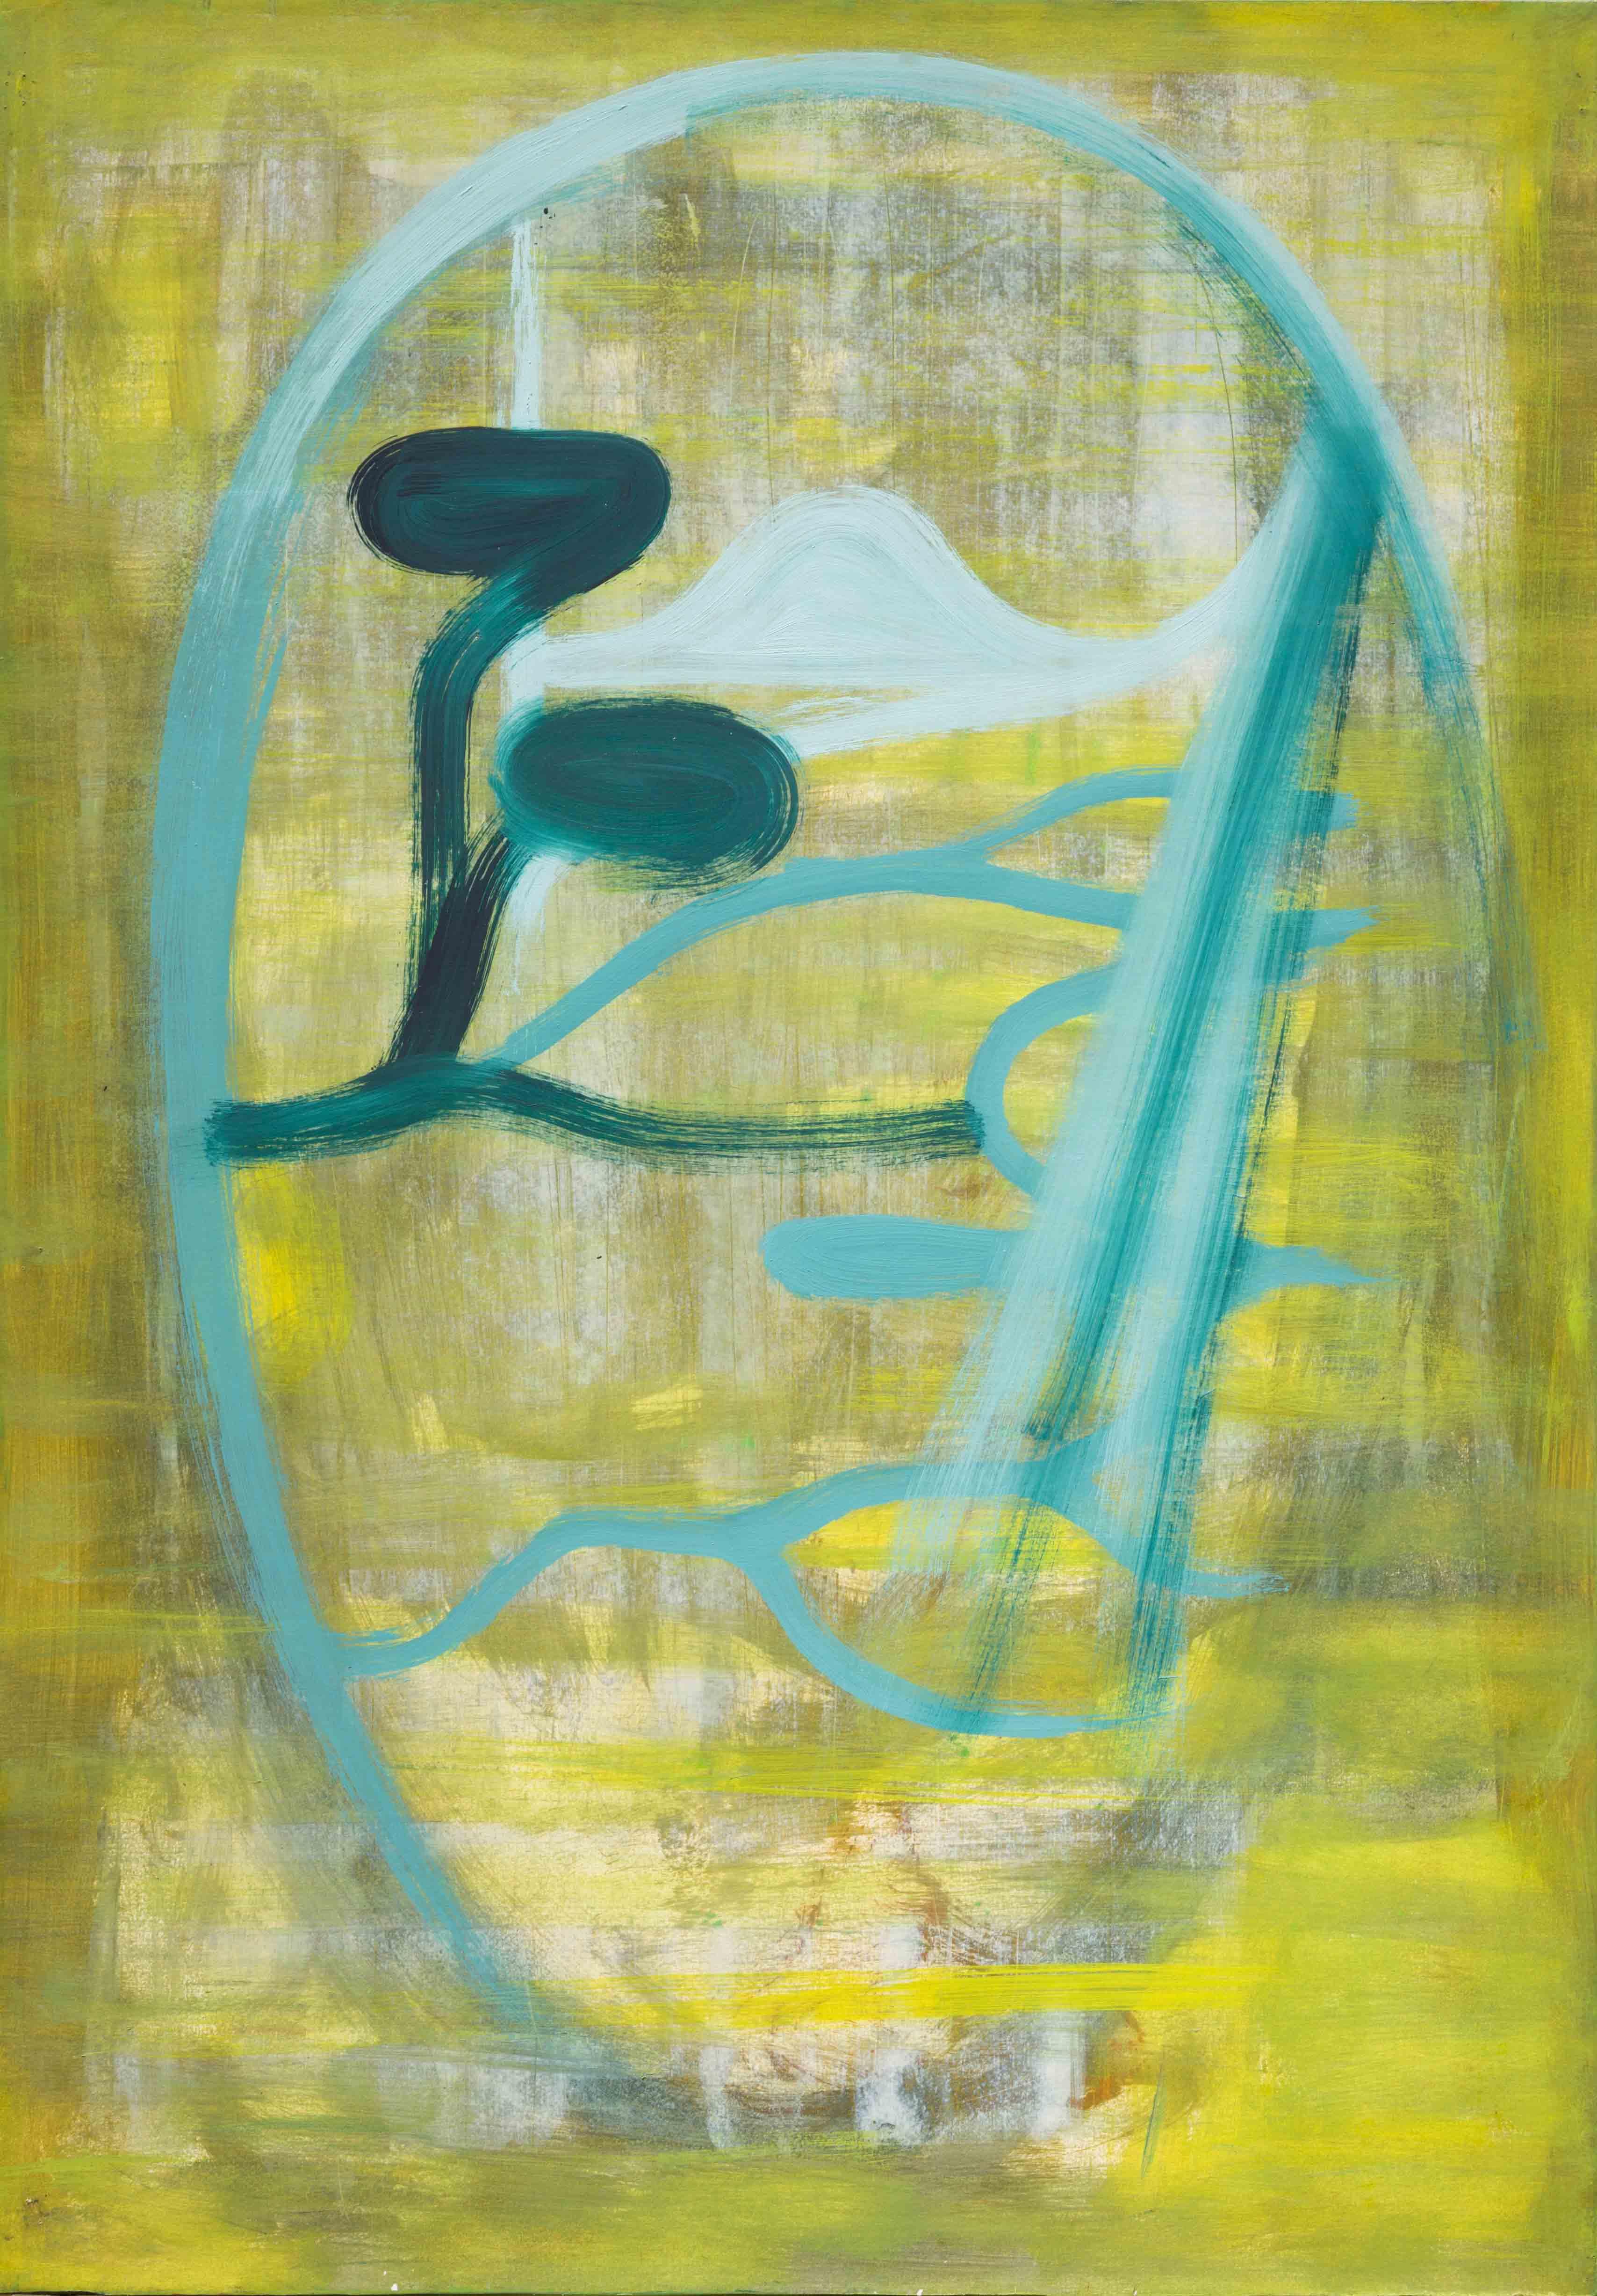 2008 Duna _ Germinal, 1